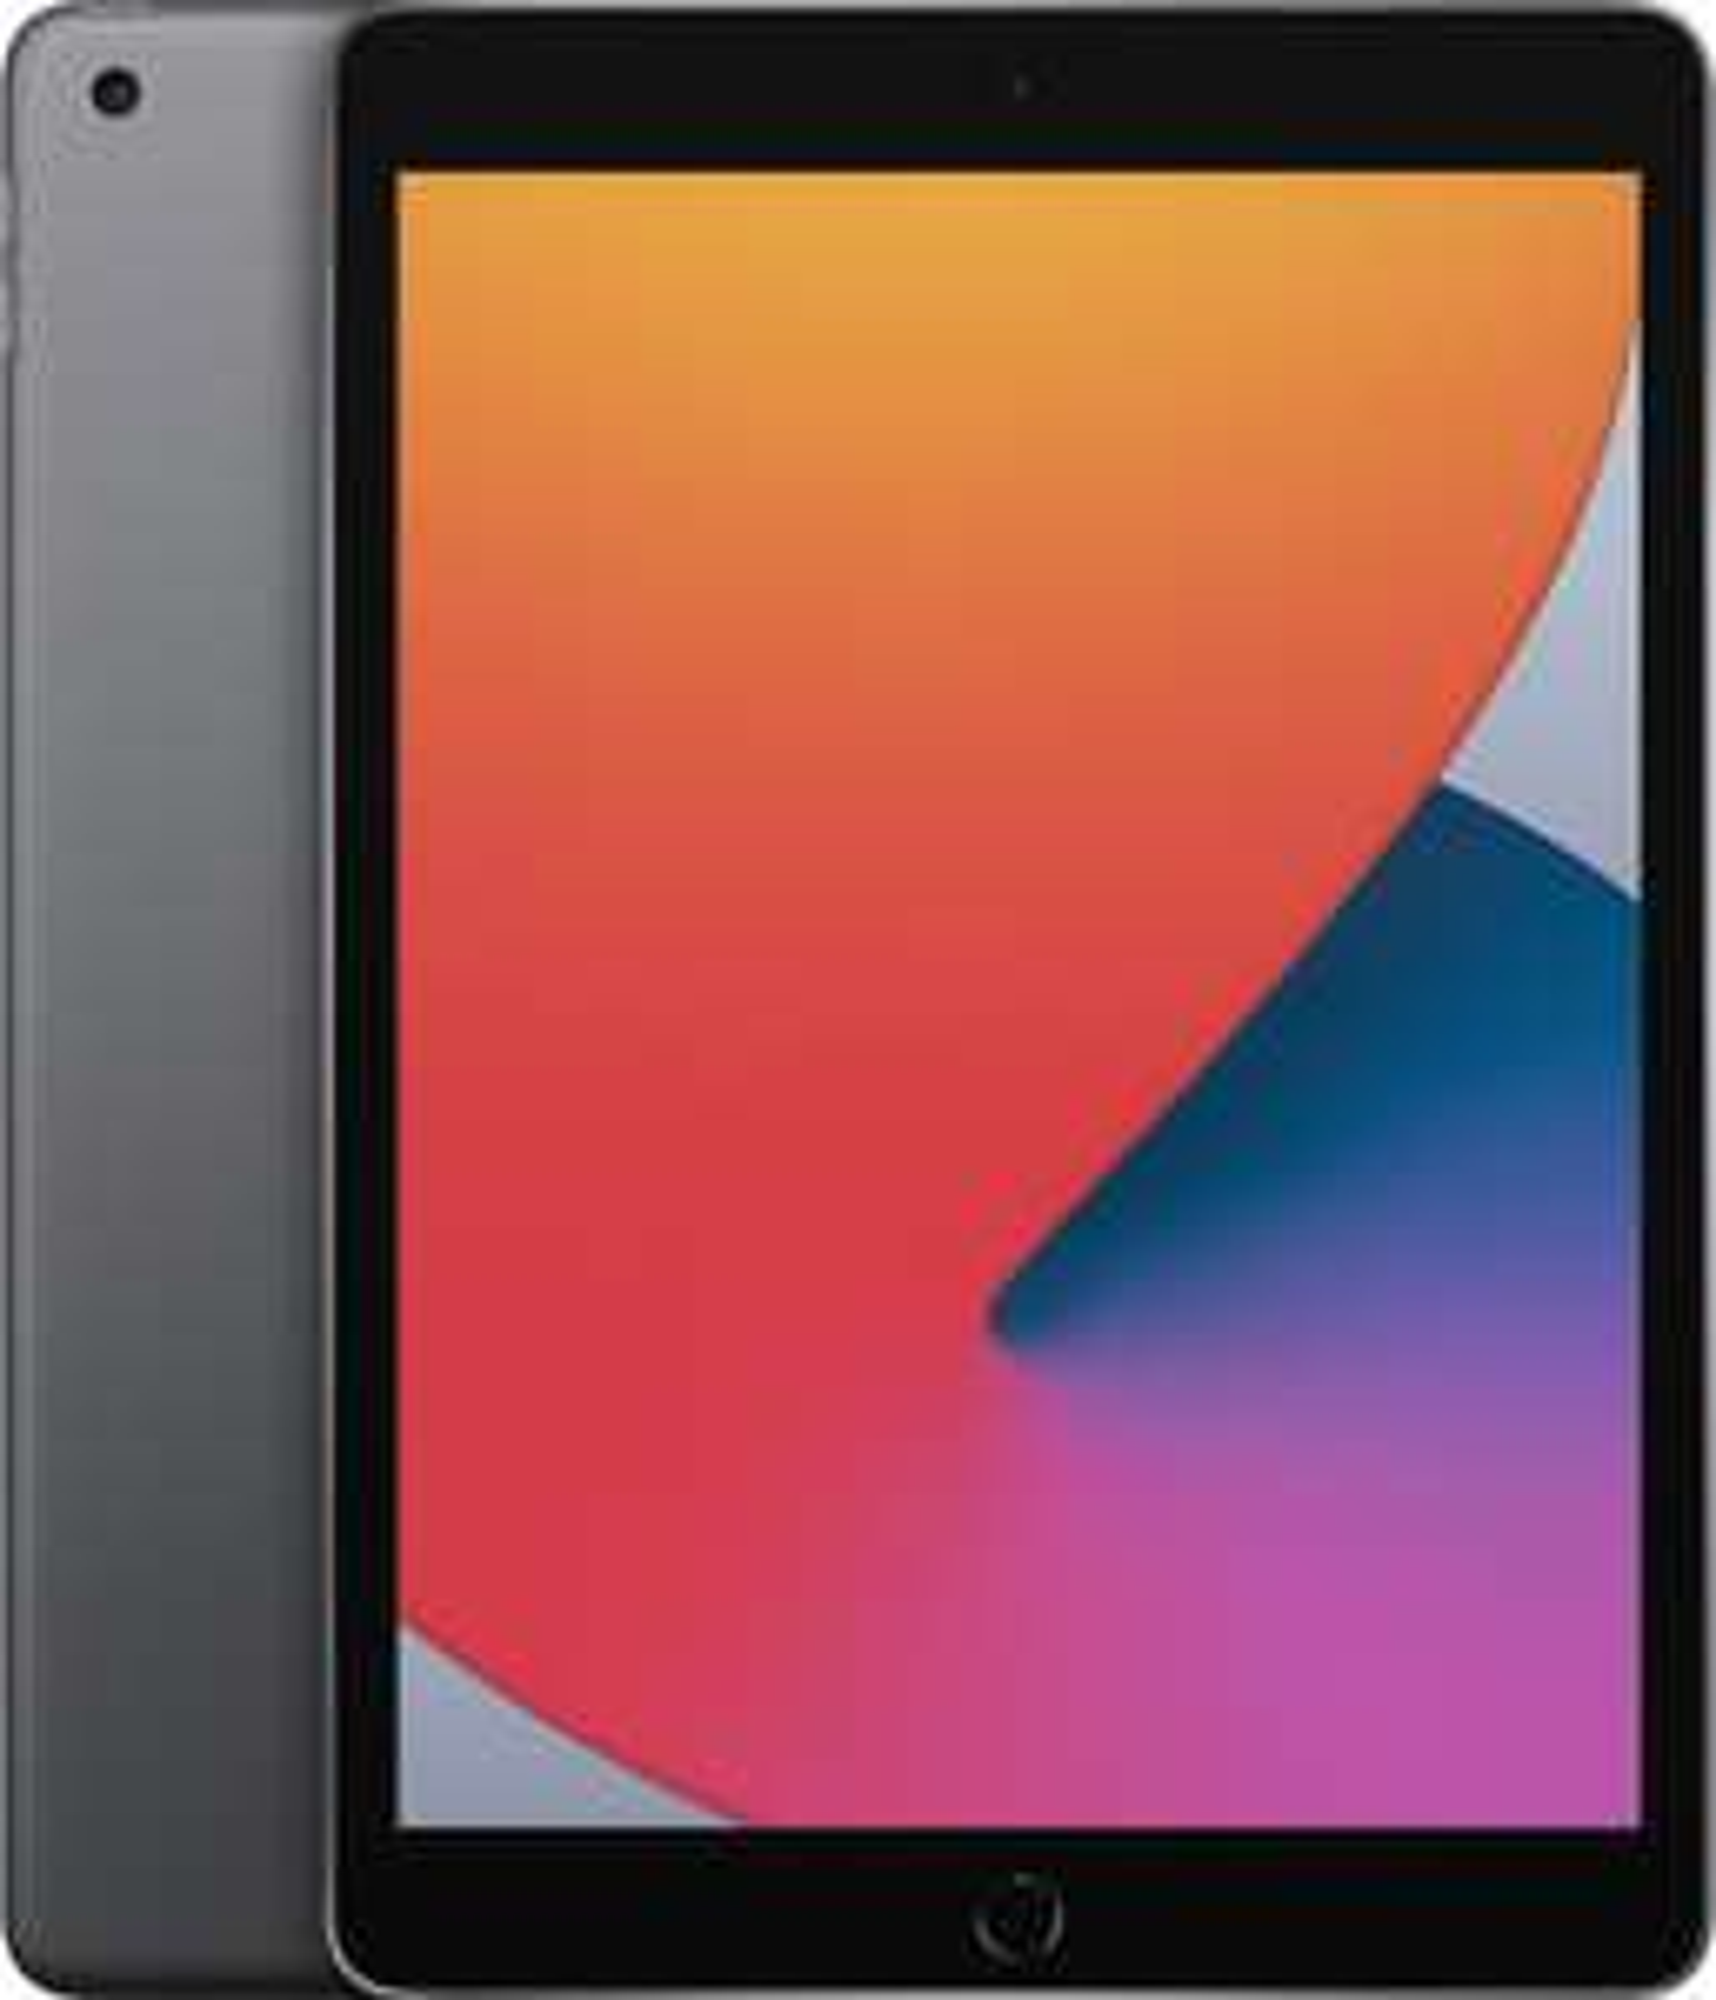 Apple iPad 2020, 10.2 Inch, WiFi, 128GB in Space Grey £399 @ Costco